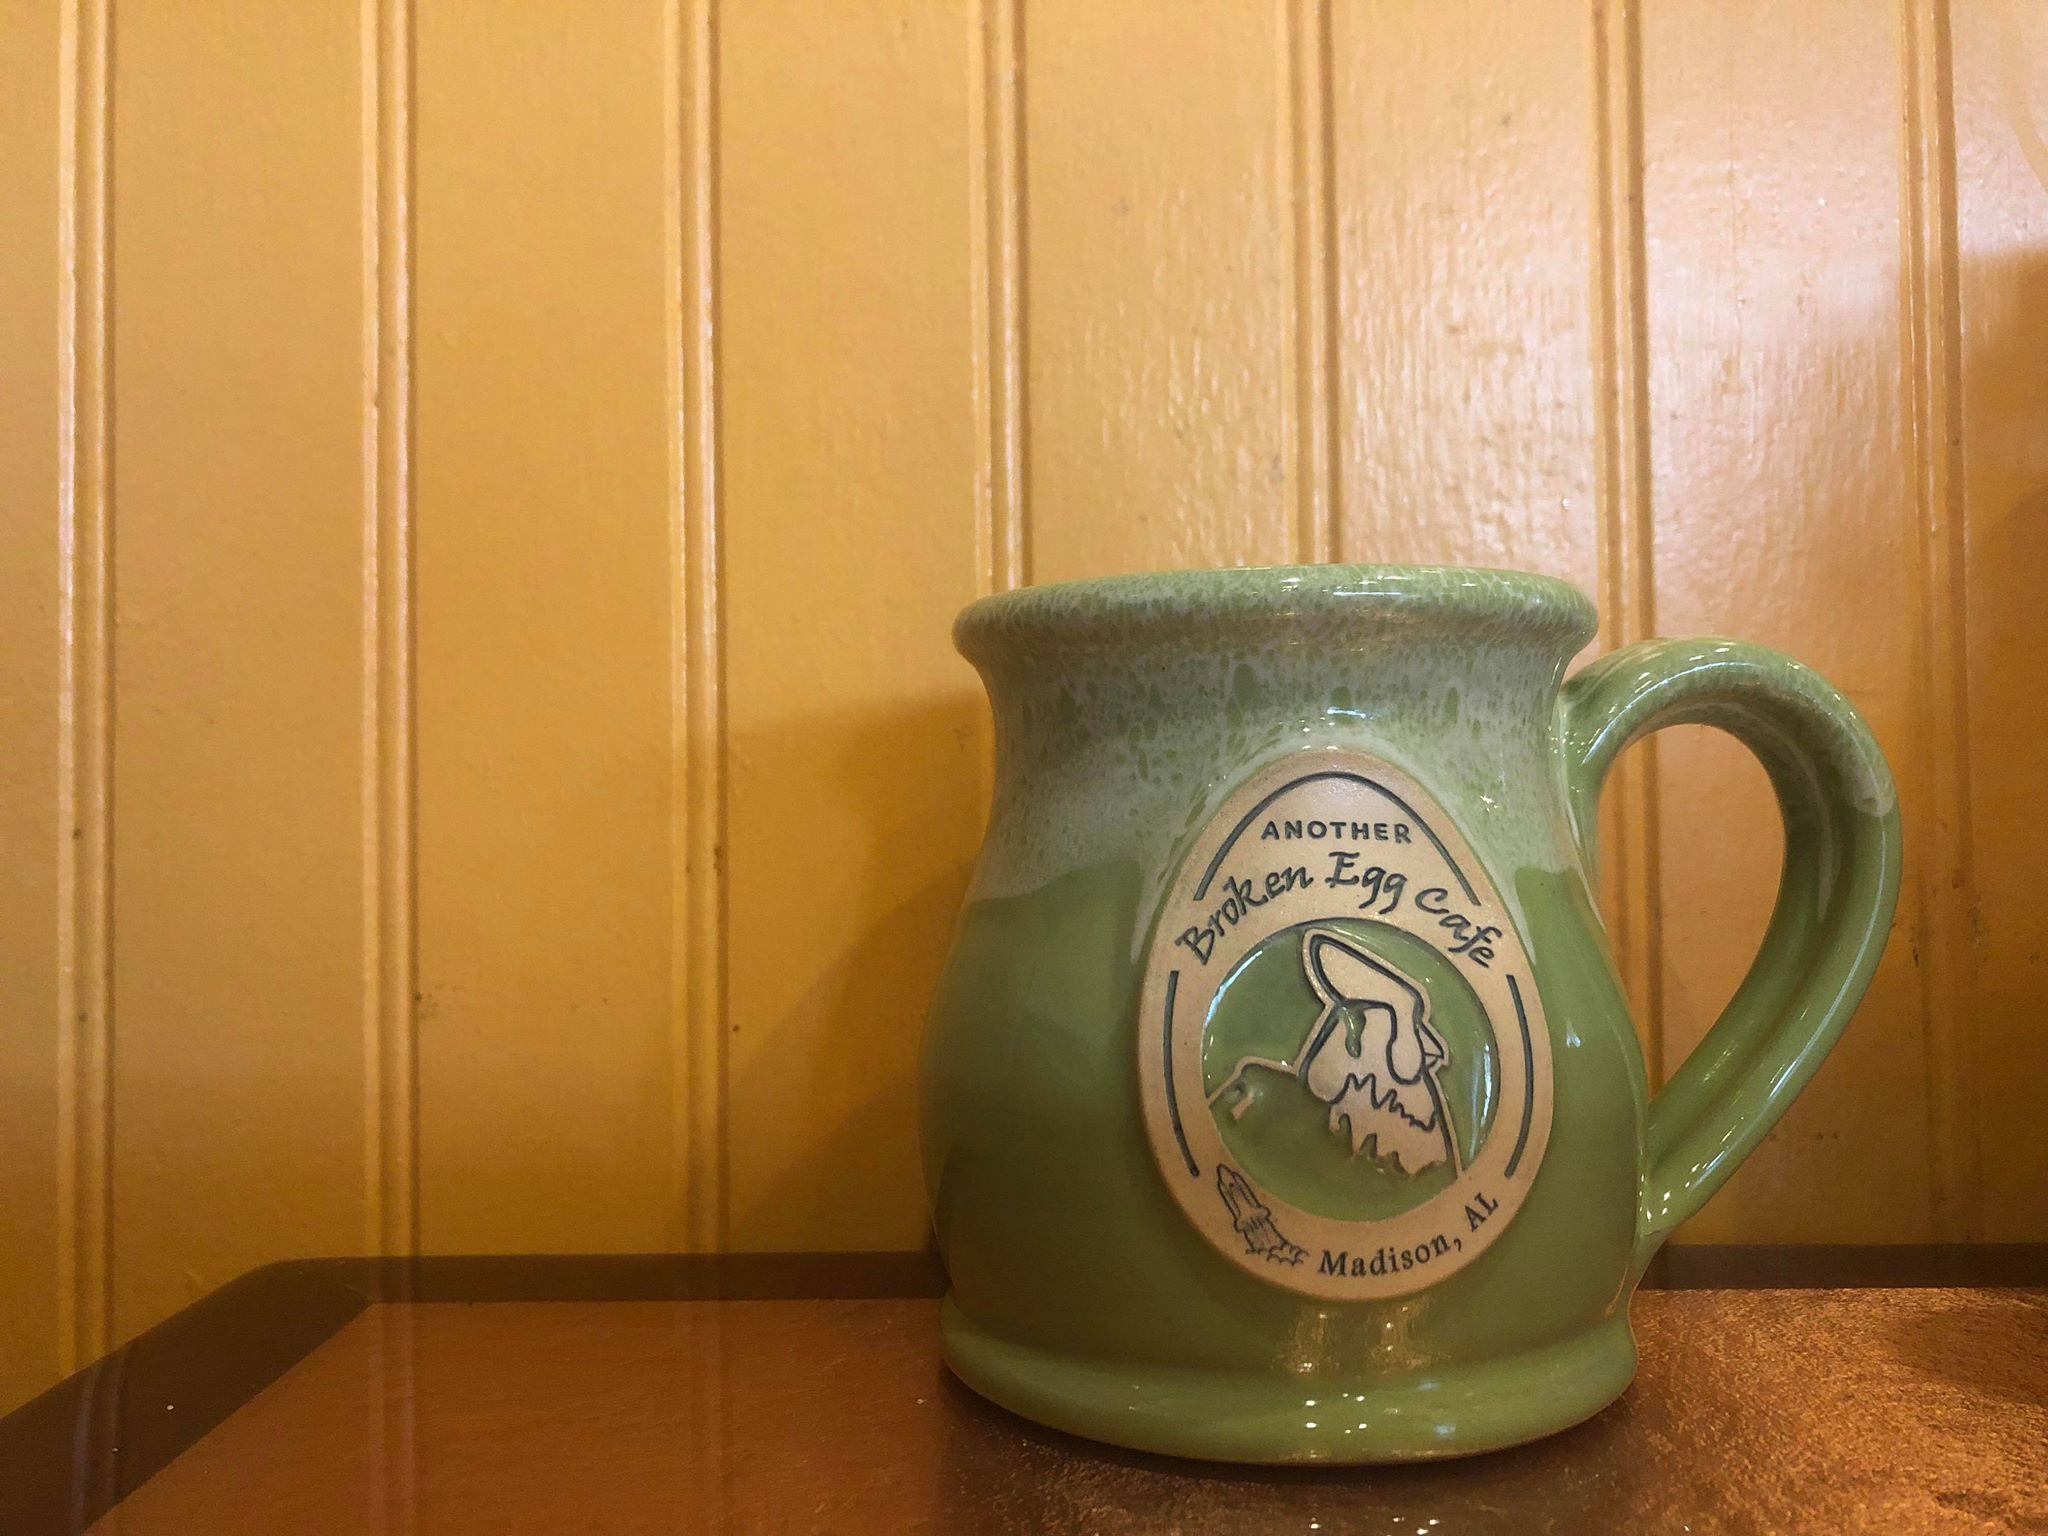 Another Broken Egg Cafe mug